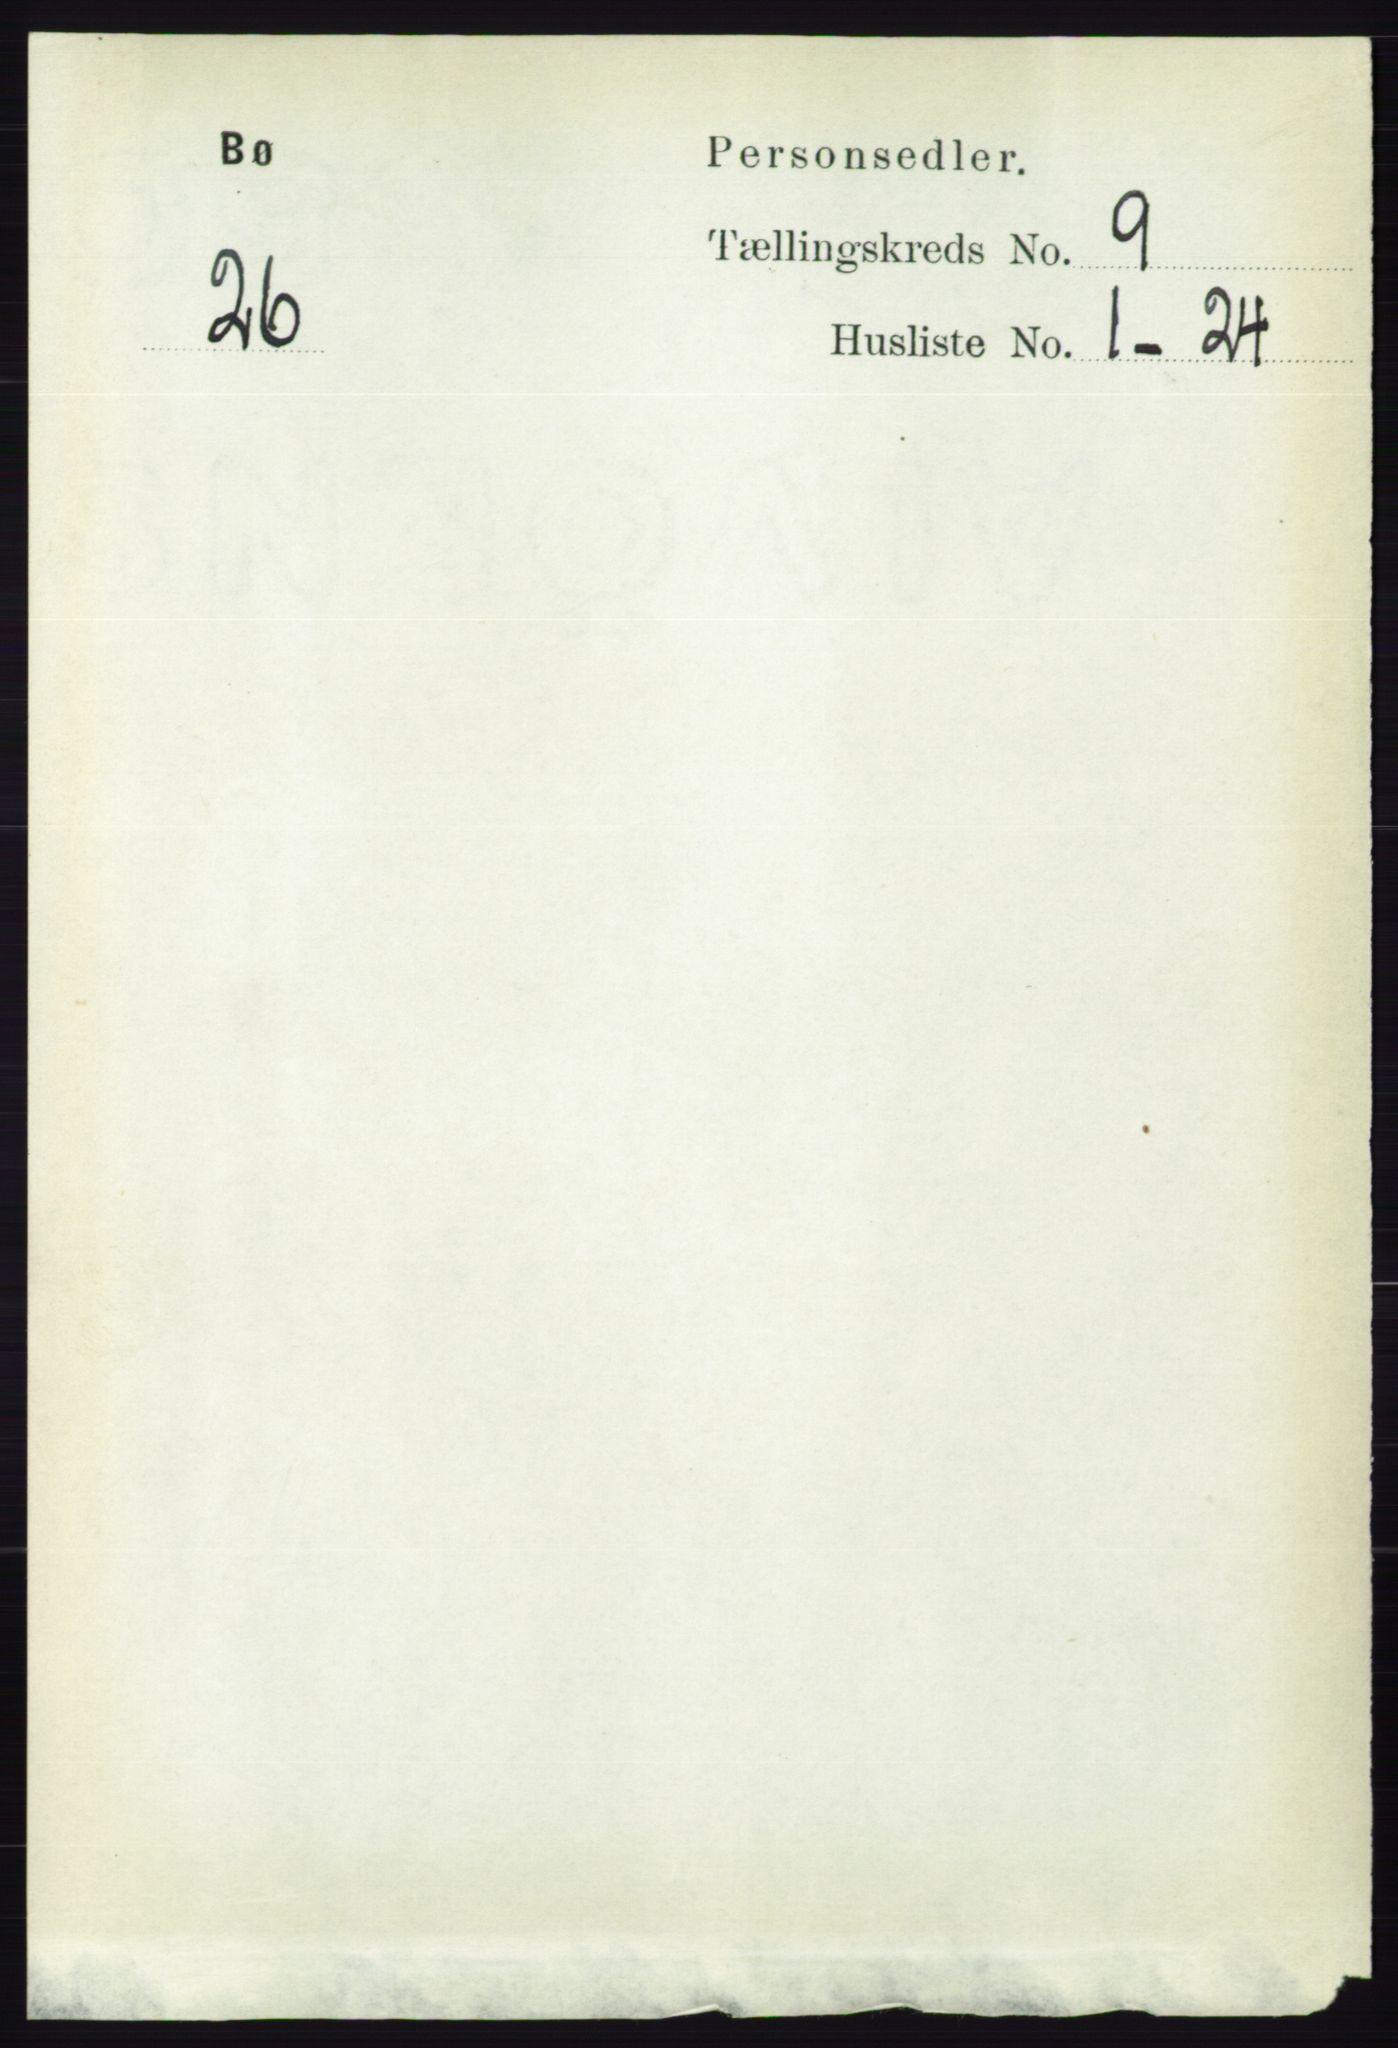 RA, Folketelling 1891 for 0821 Bø herred, 1891, s. 2882